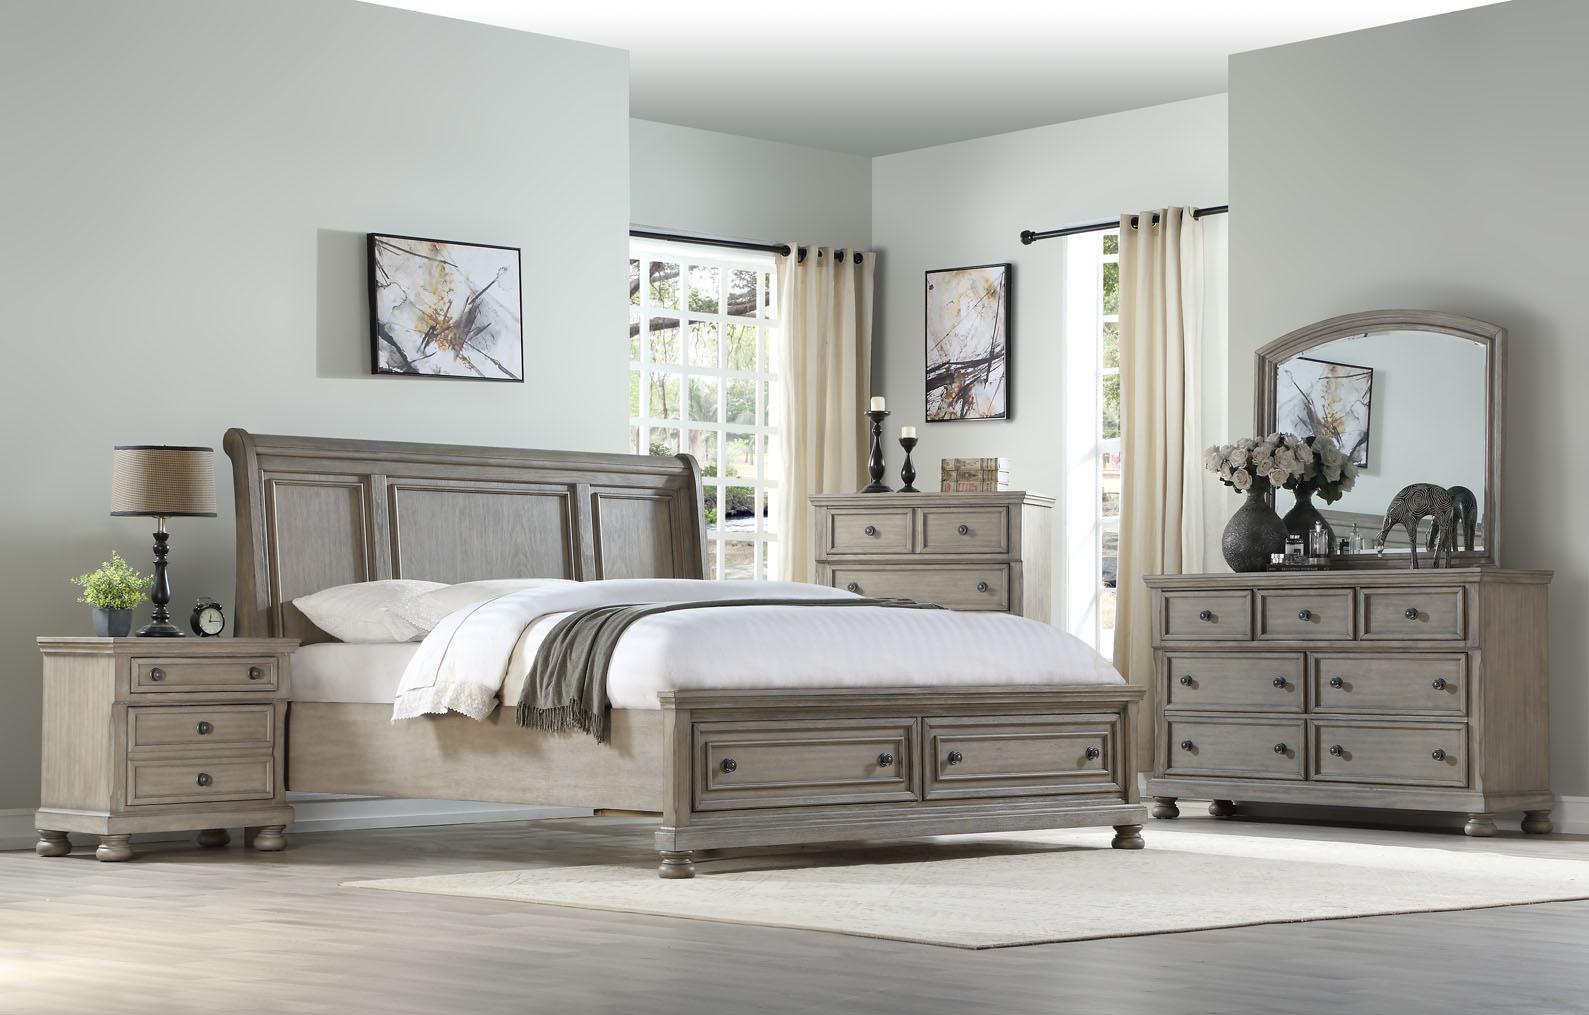 1070 King 6 Piece Bedroom Set - Prescott Grey Bedroom $1729